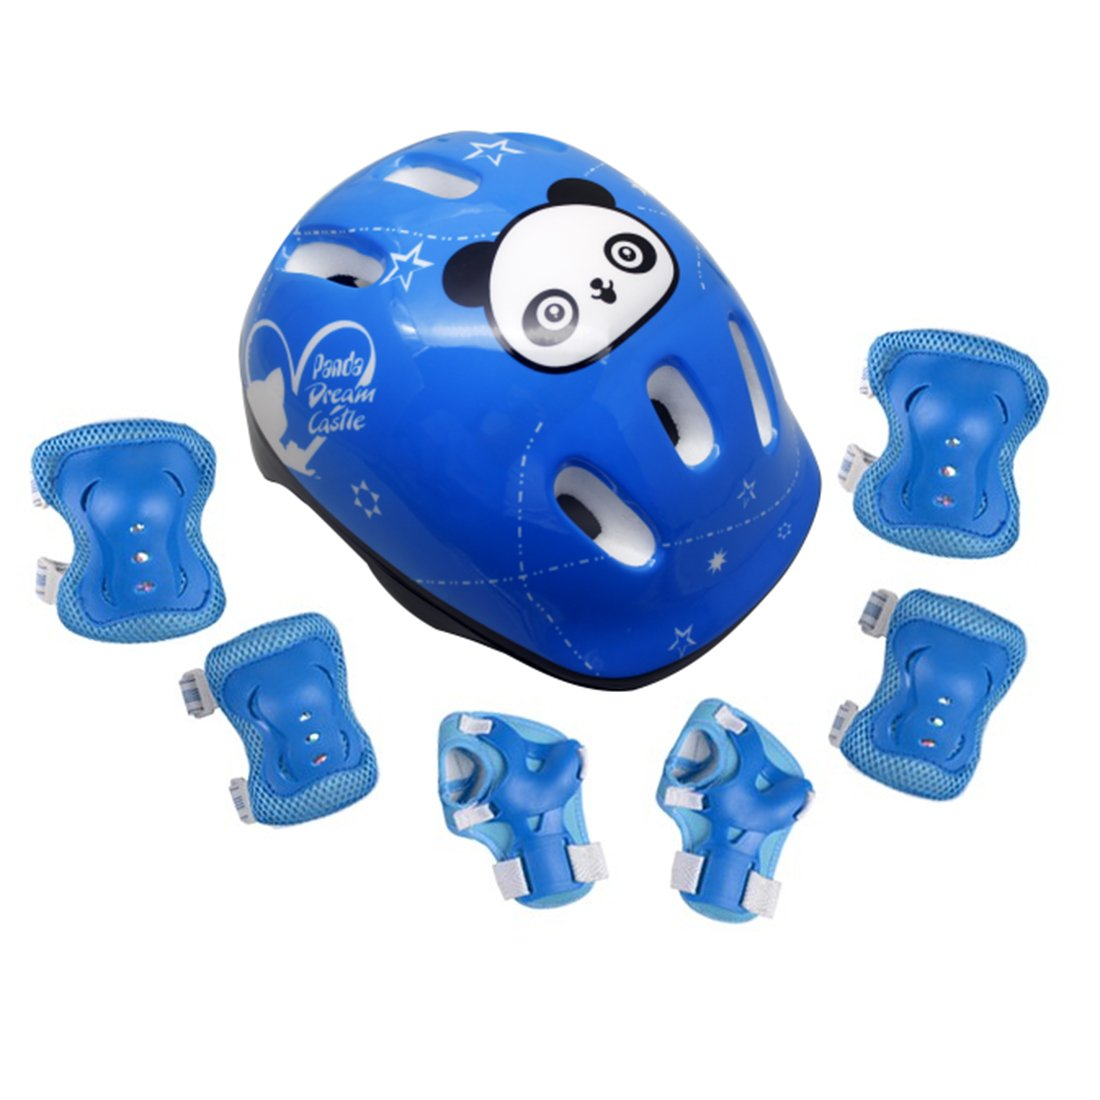 hipsteen mariposa Elbow Wrist Rodilleras y Panda Casco de seguridad Sport Protecciones Protección para Ciclismo Patinaje Jinete Blading–Monopatín infantil de 7piezas, azul